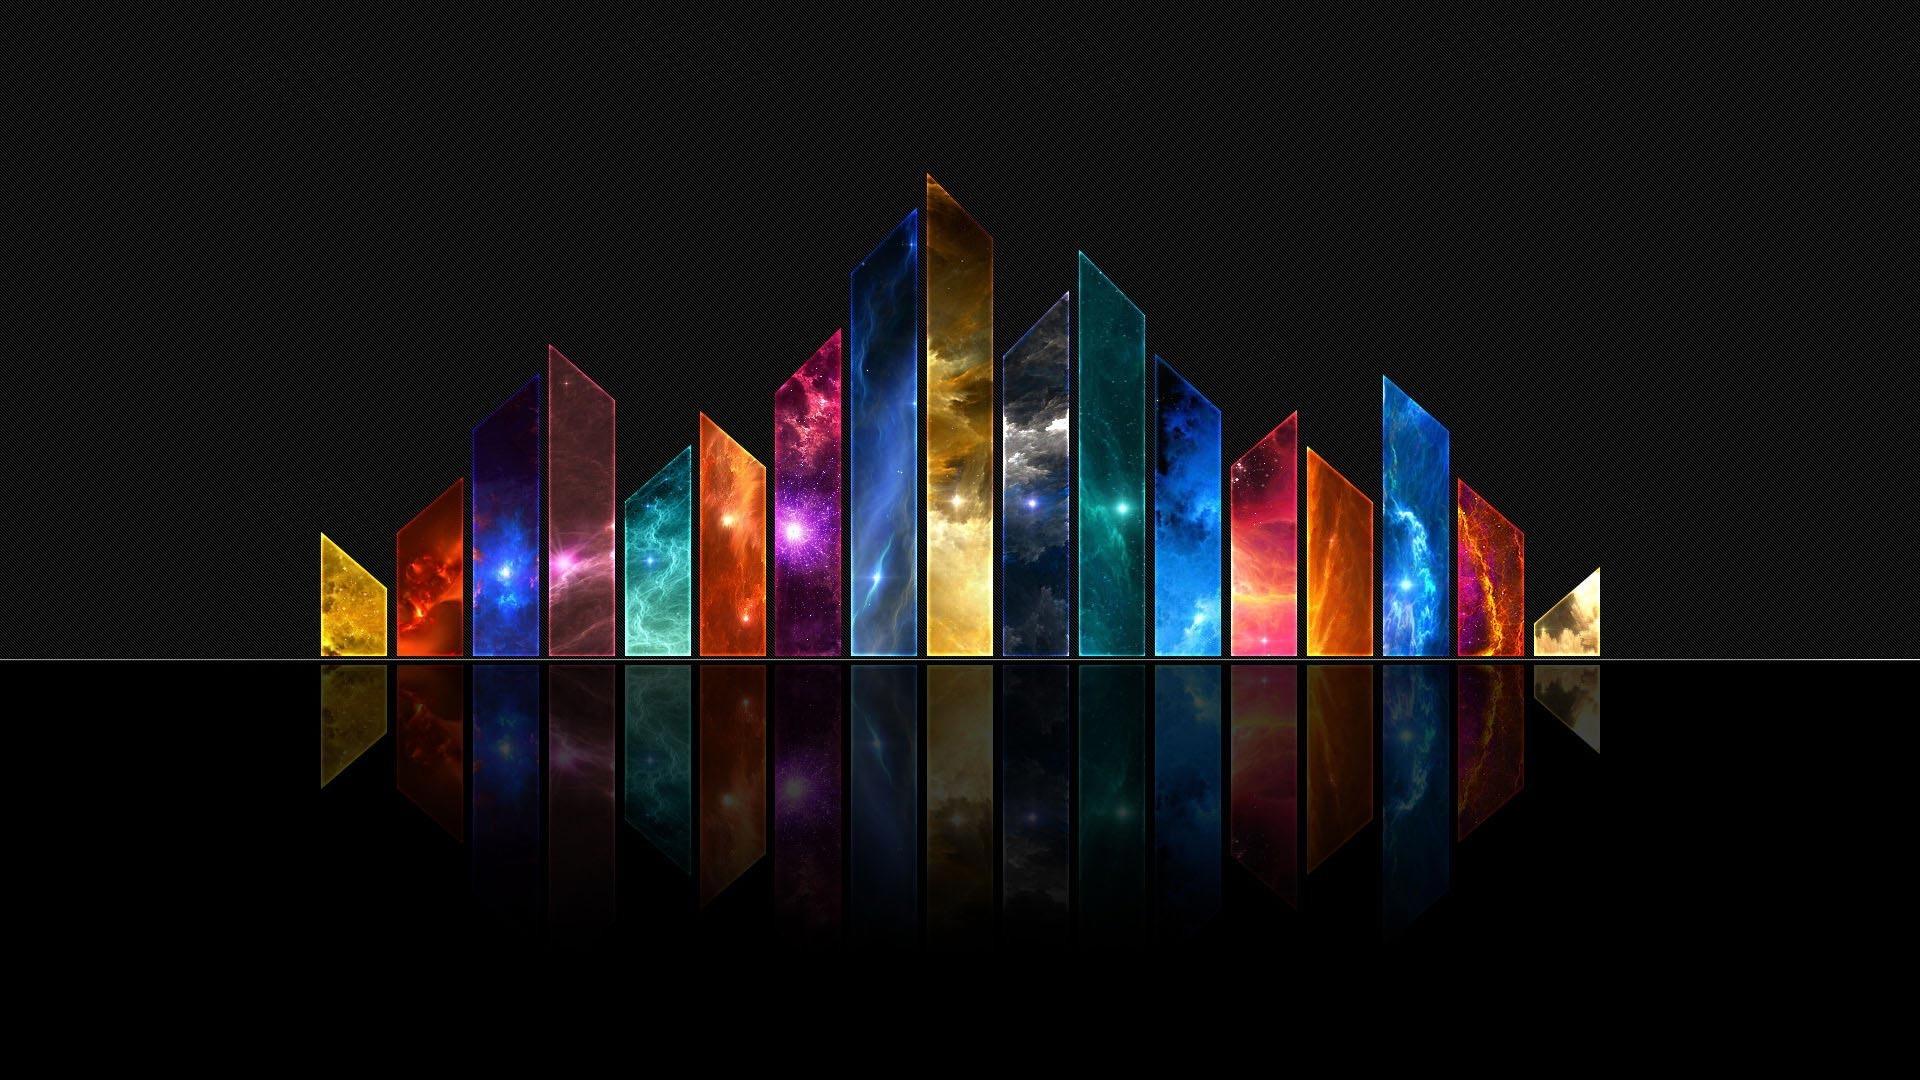 Multicolored crystals 1920x1080